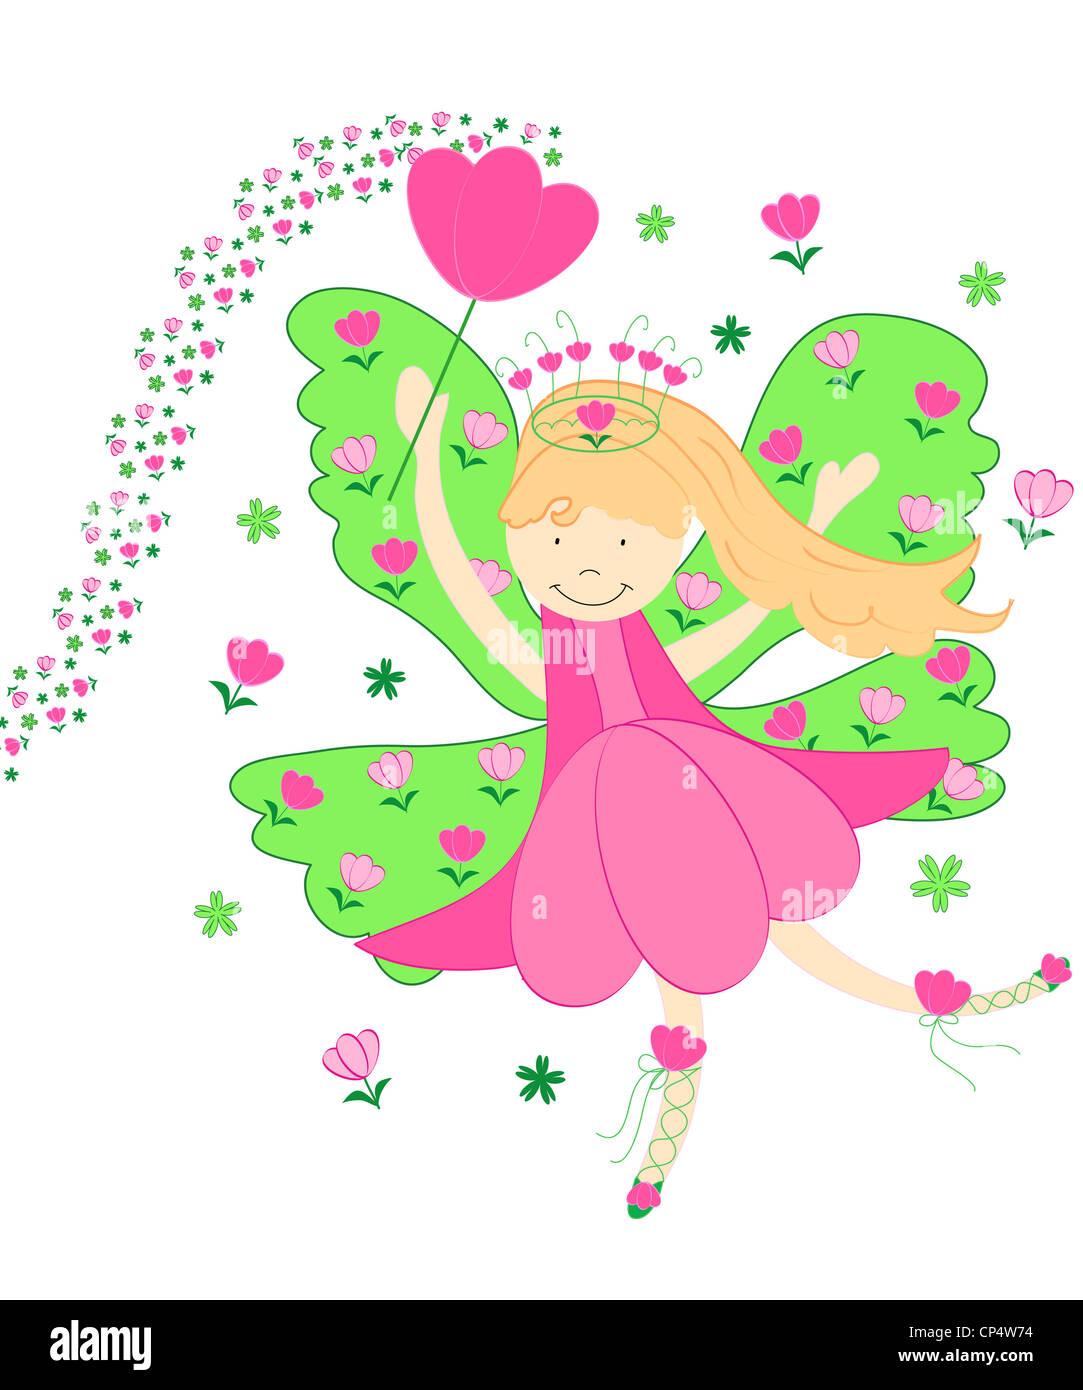 Cute pink tulip fairy illustration Stock Photo